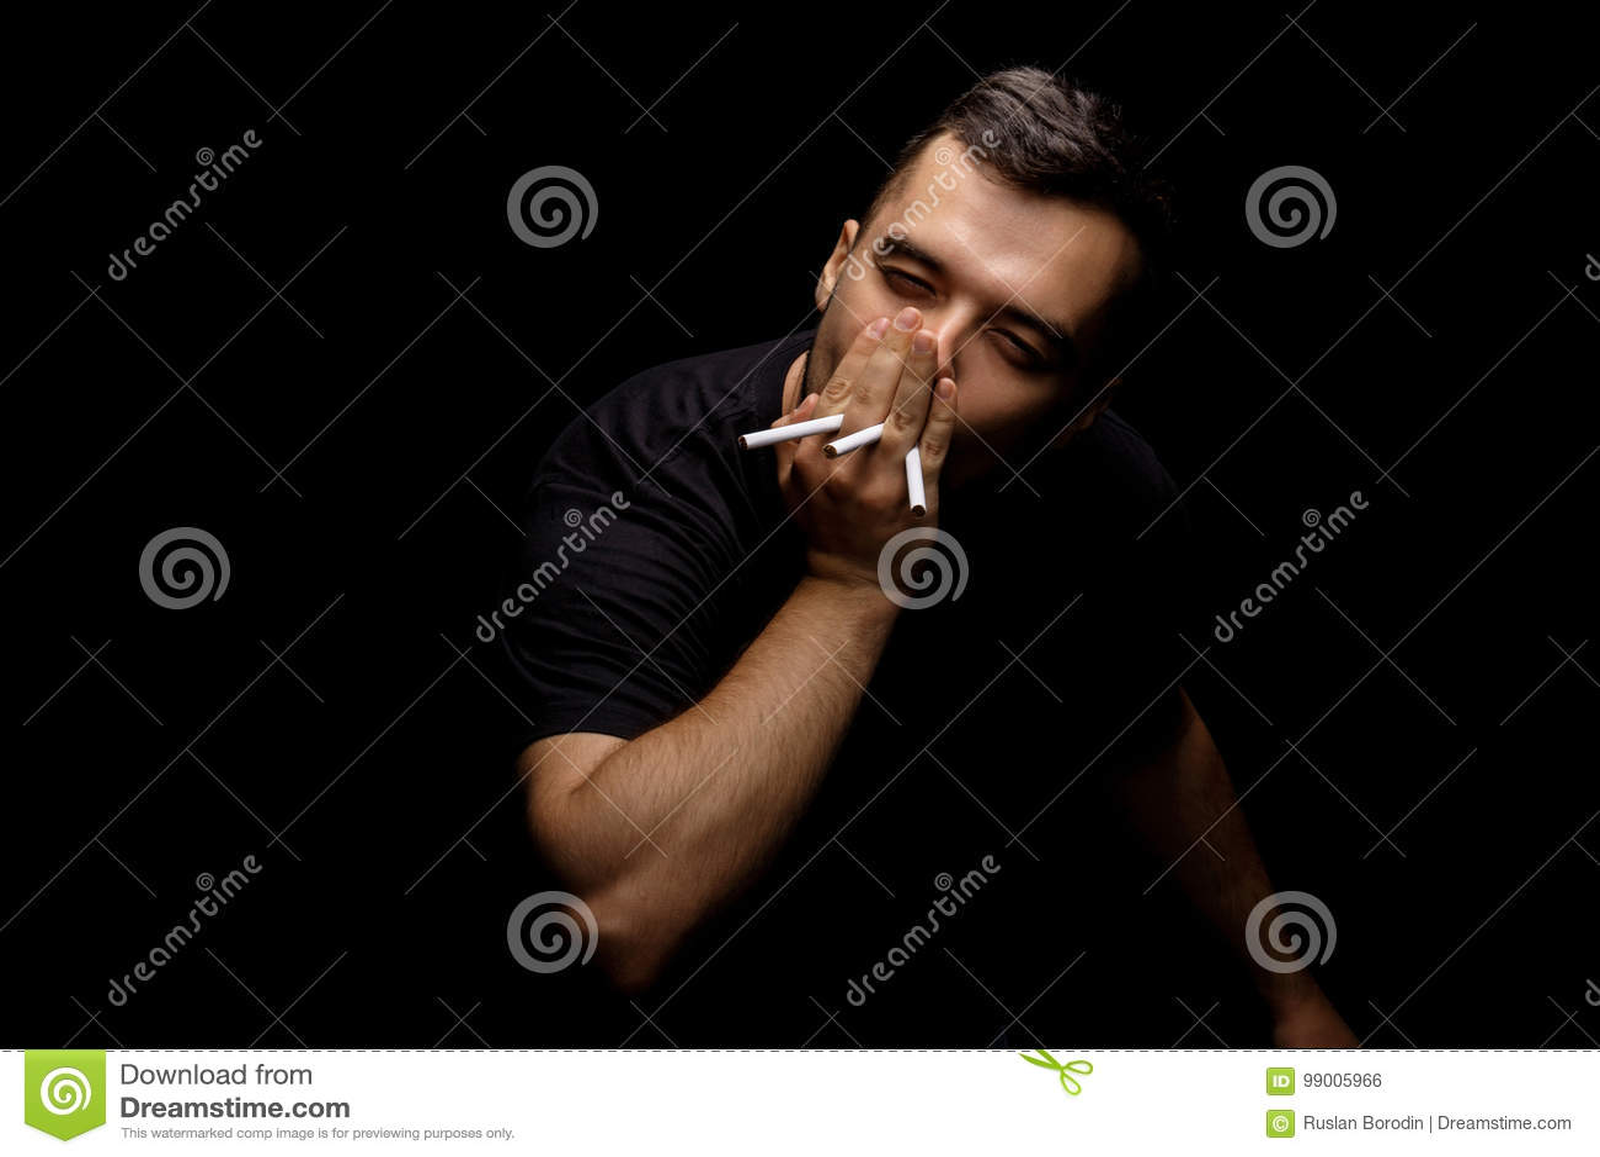 снимки толстый мужик с сигаретой фото мастер-класс подойдет